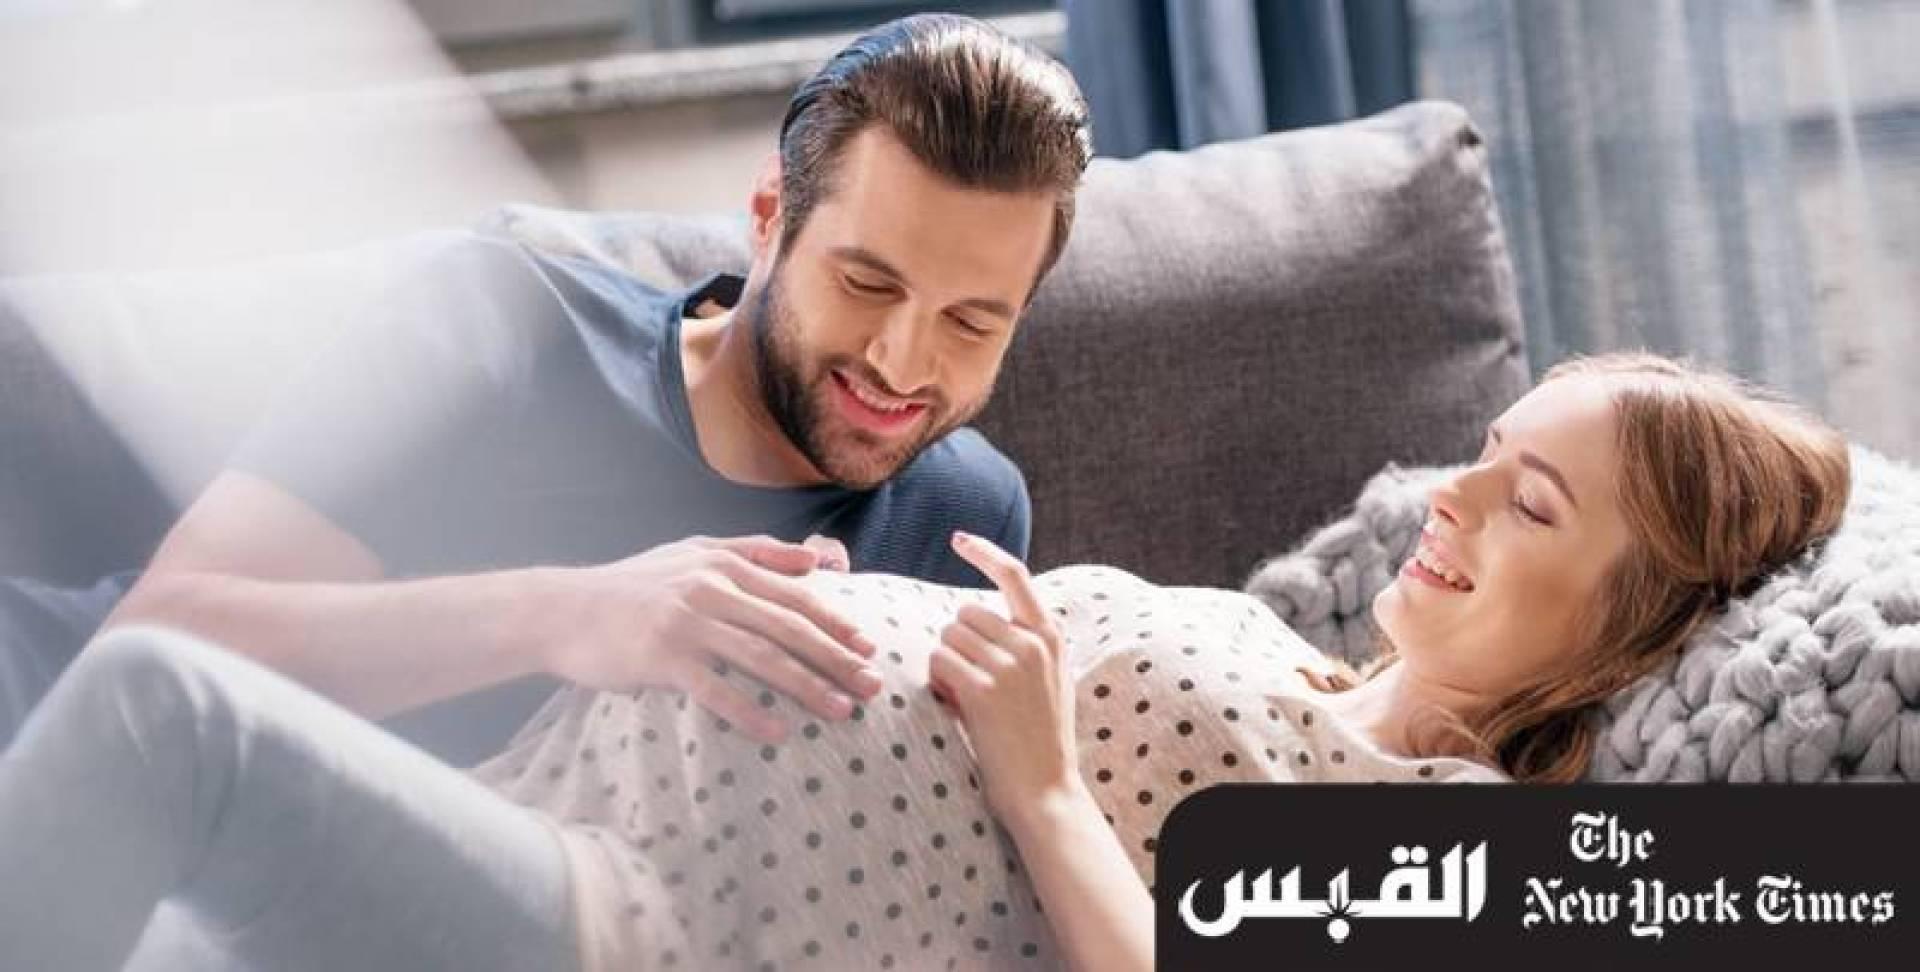 دراسة جديدة تؤكد: إذا كانت صحة الأب سيئة.. فحمل الأم لن يدوم